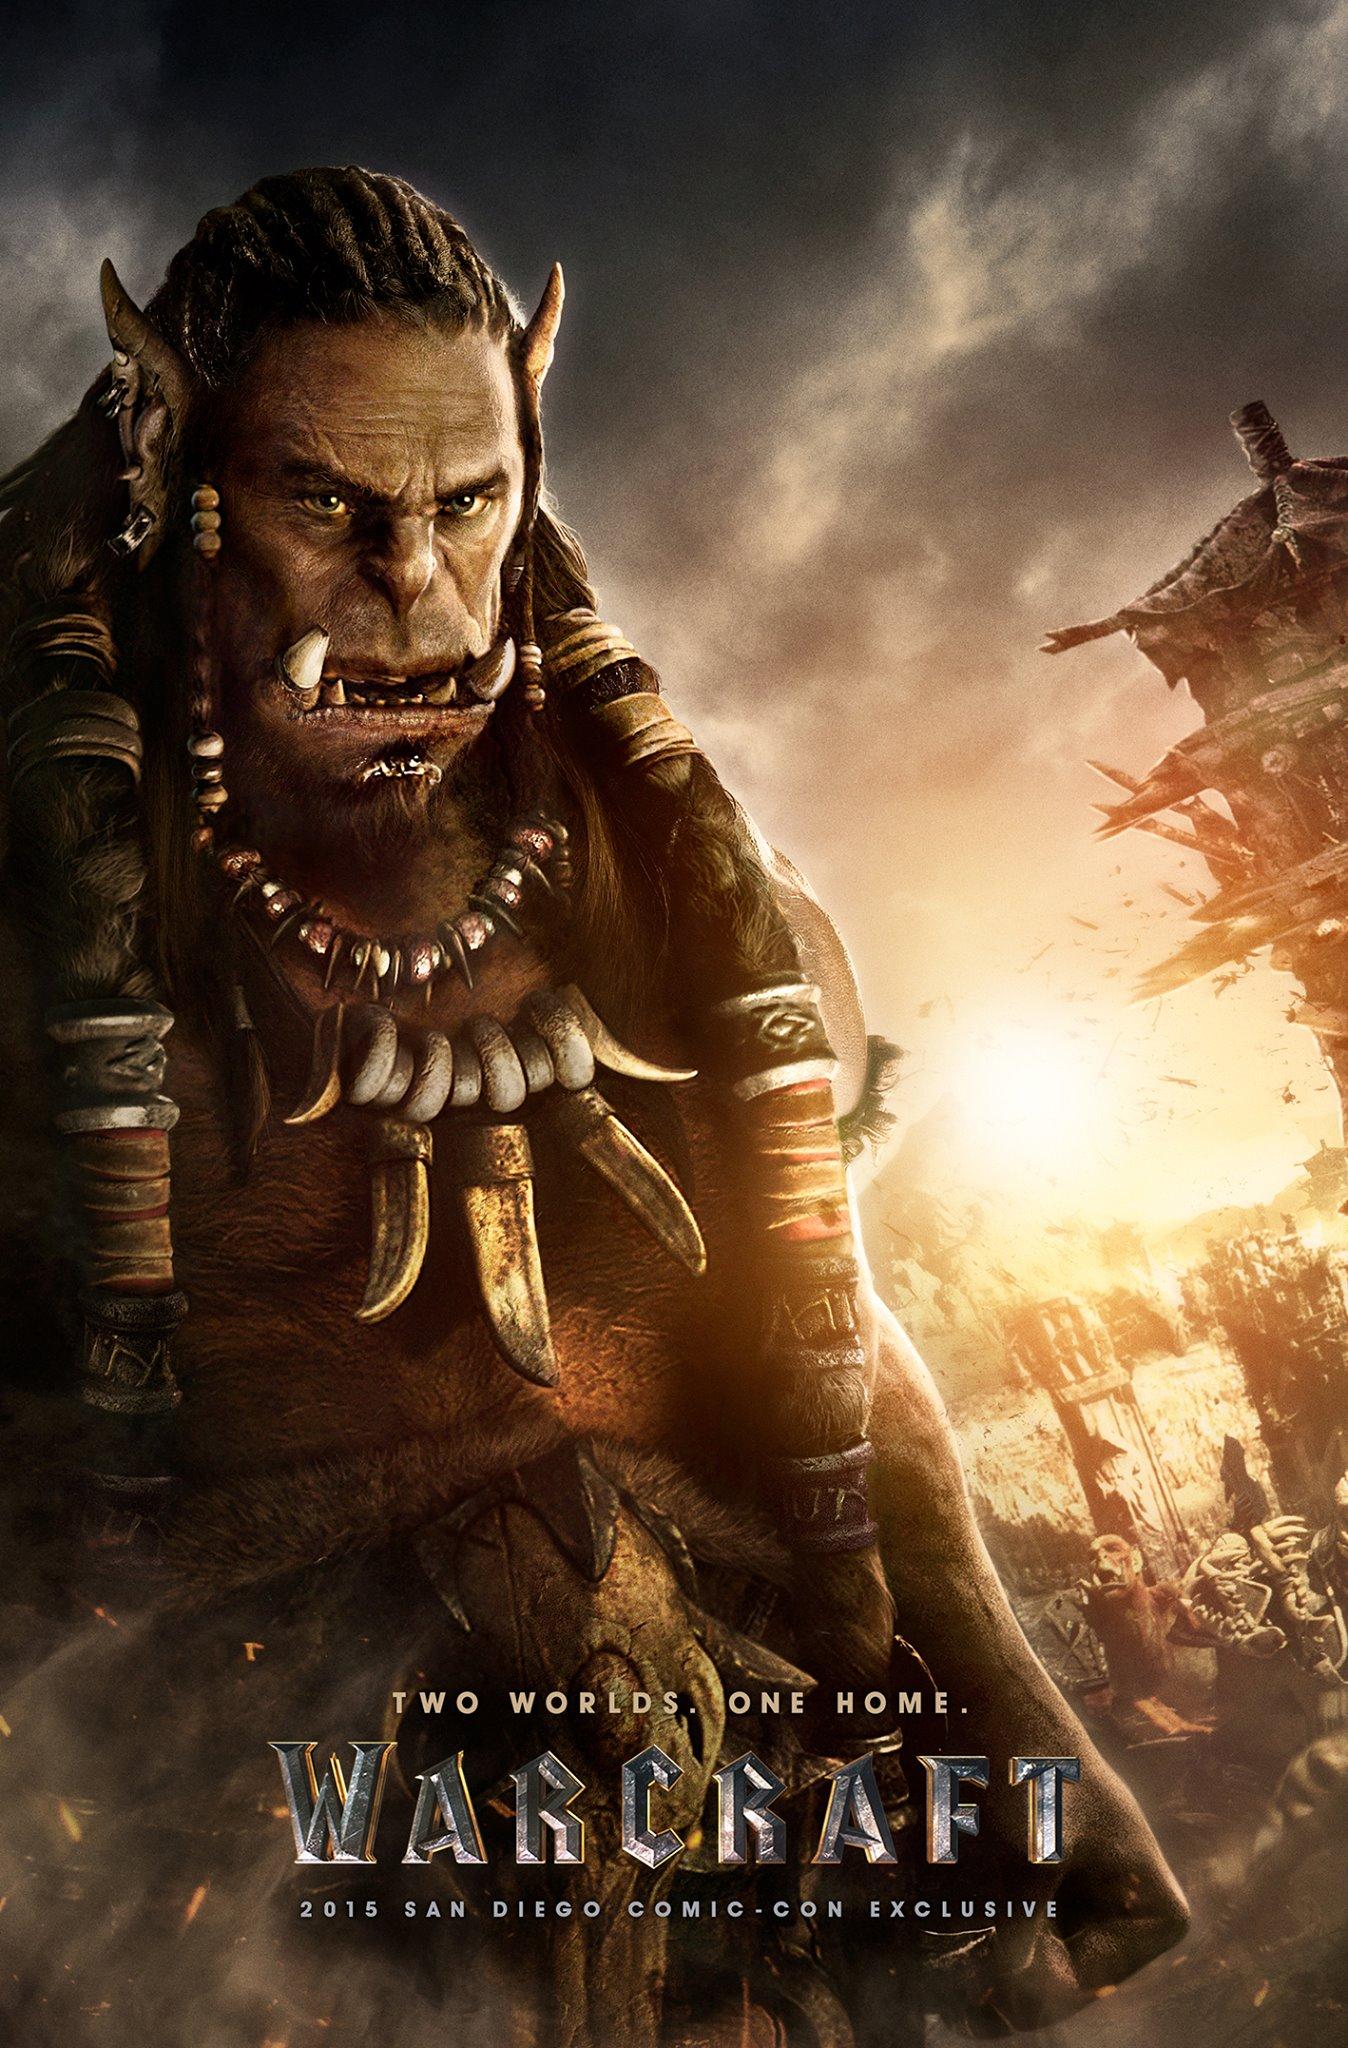 دانلود فیلم Warcraft 2016 با لینک مستقیم